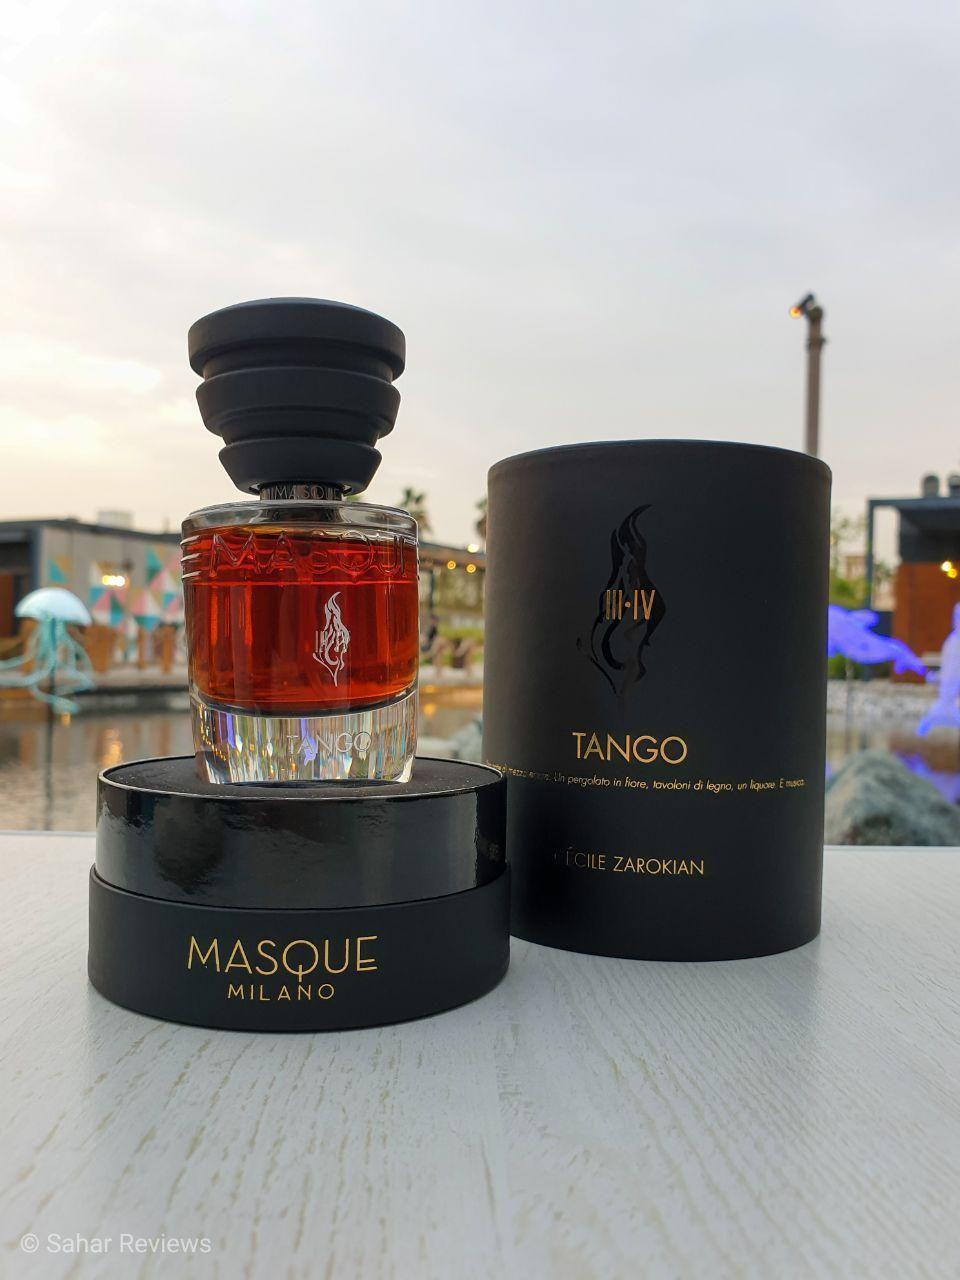 Masque Milano Tango Review